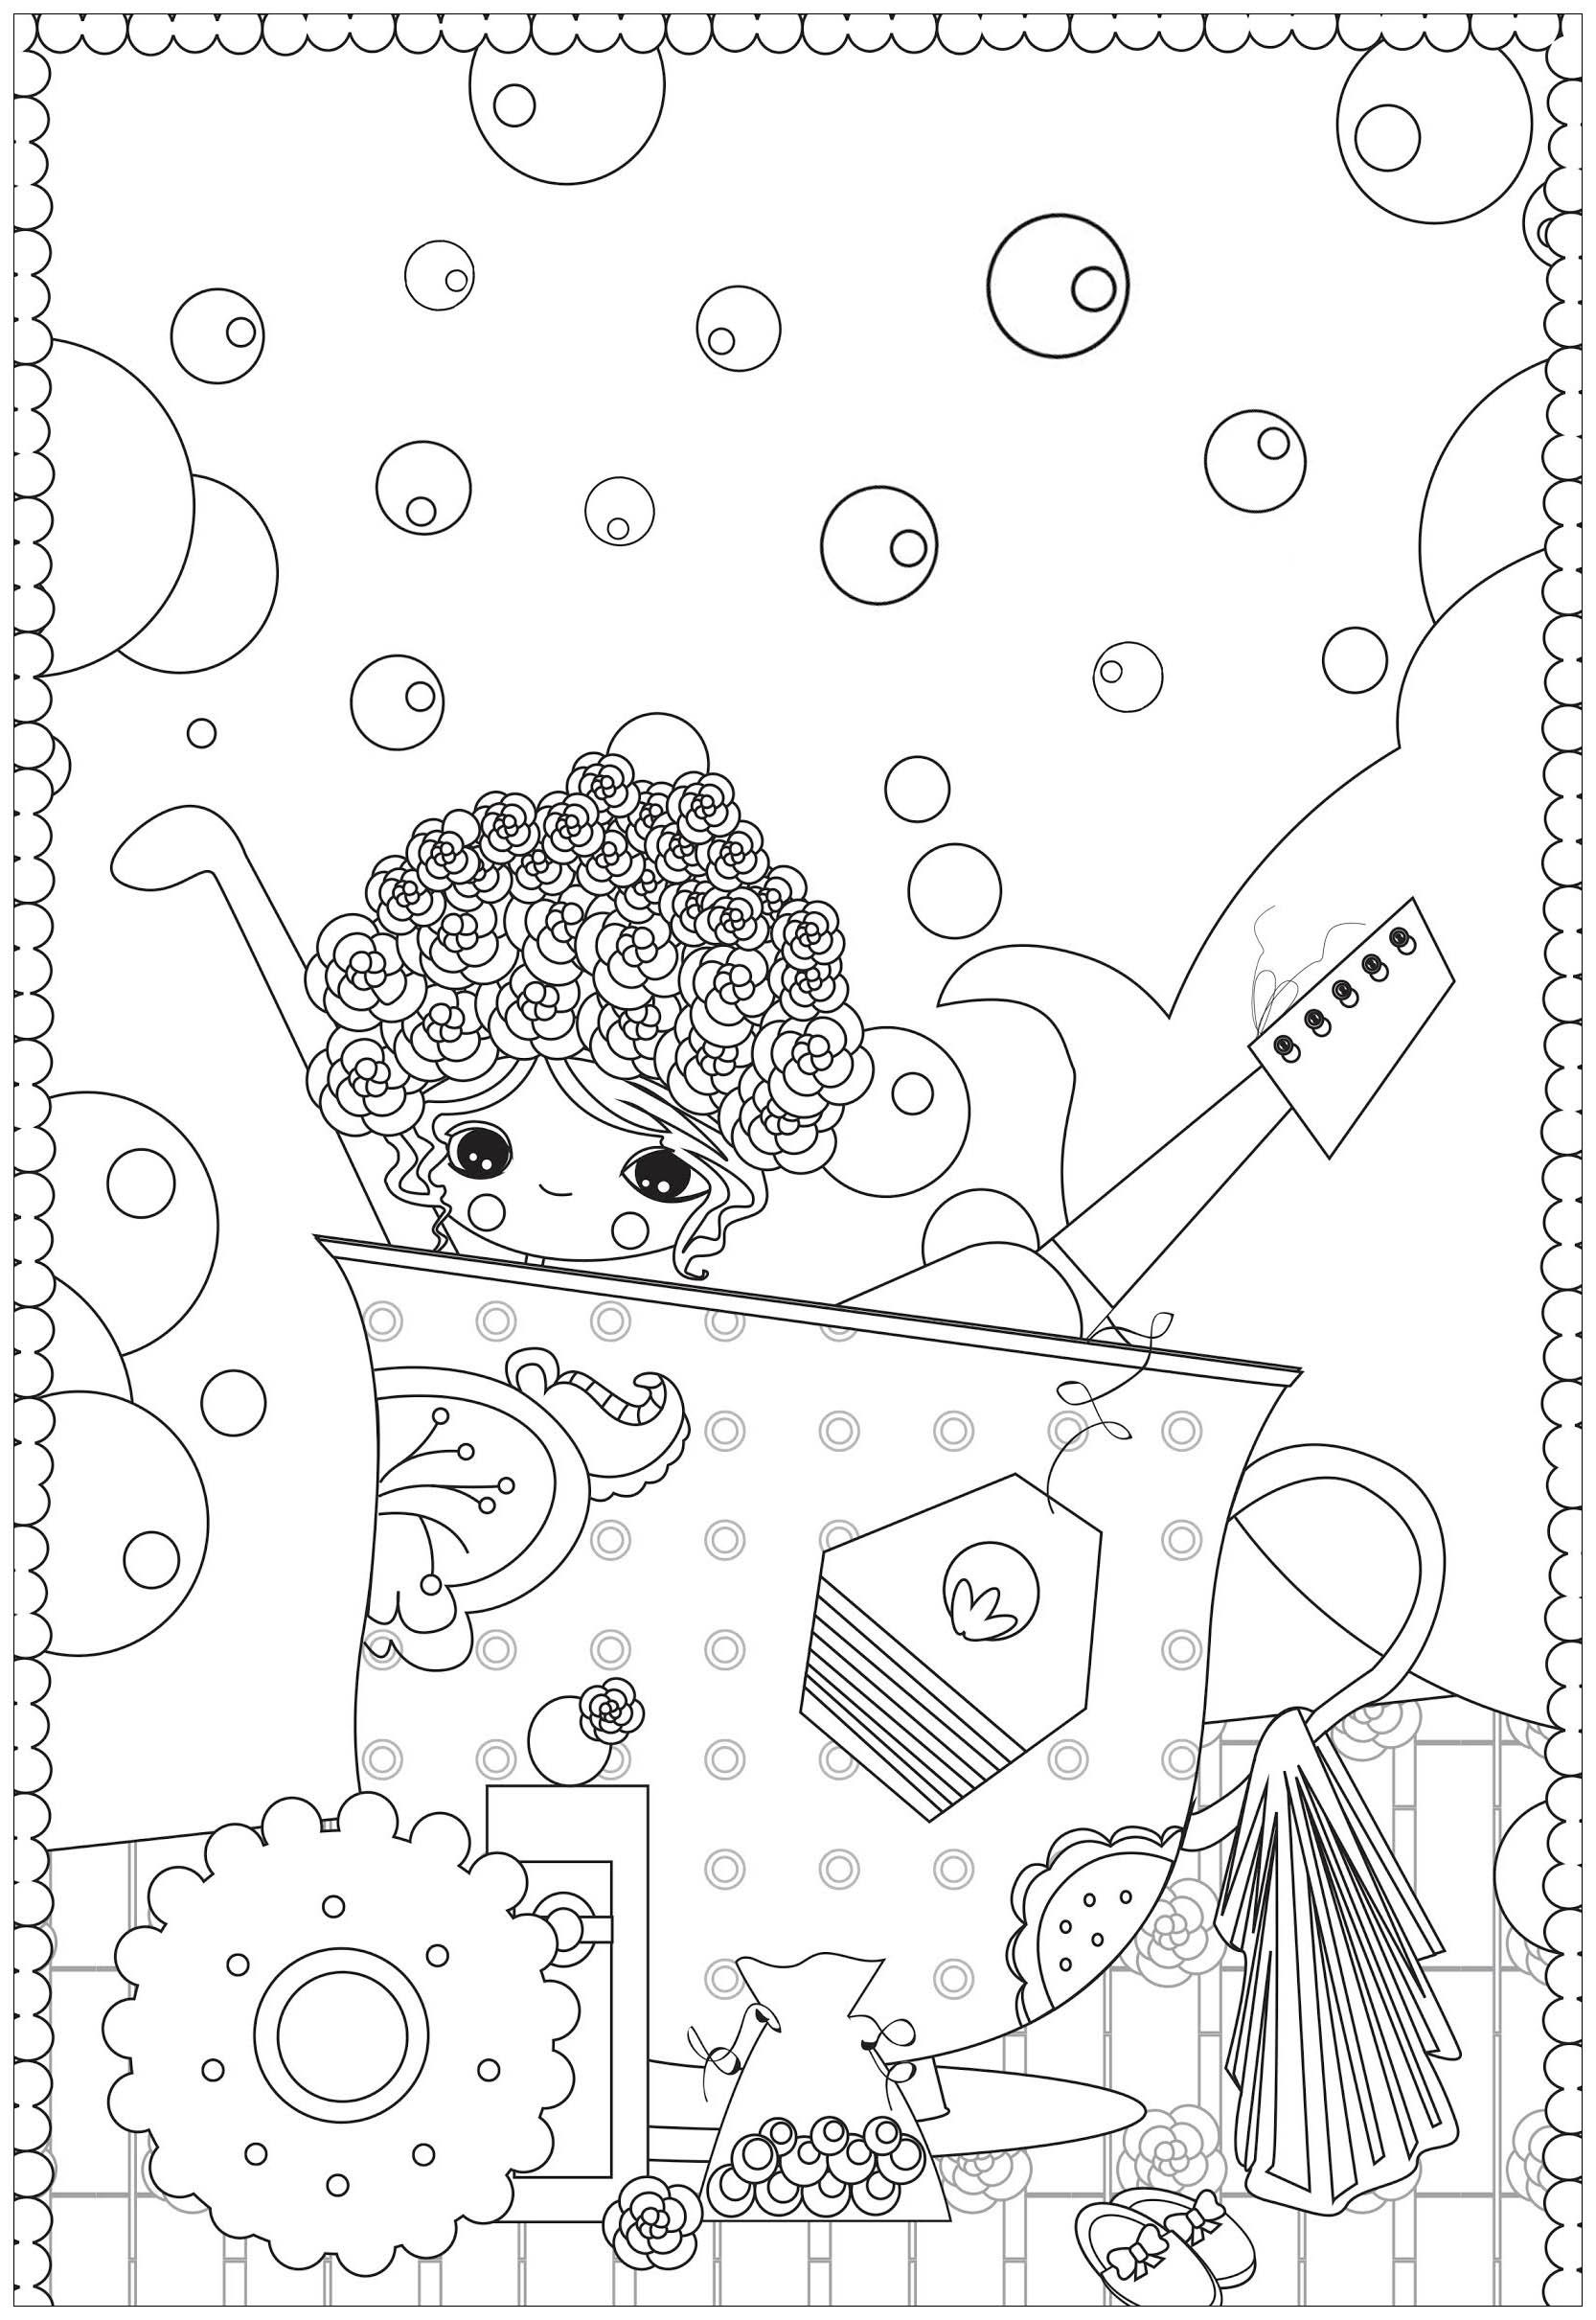 Disegni da colorare per adulti : Anti-stress / Zen - 192